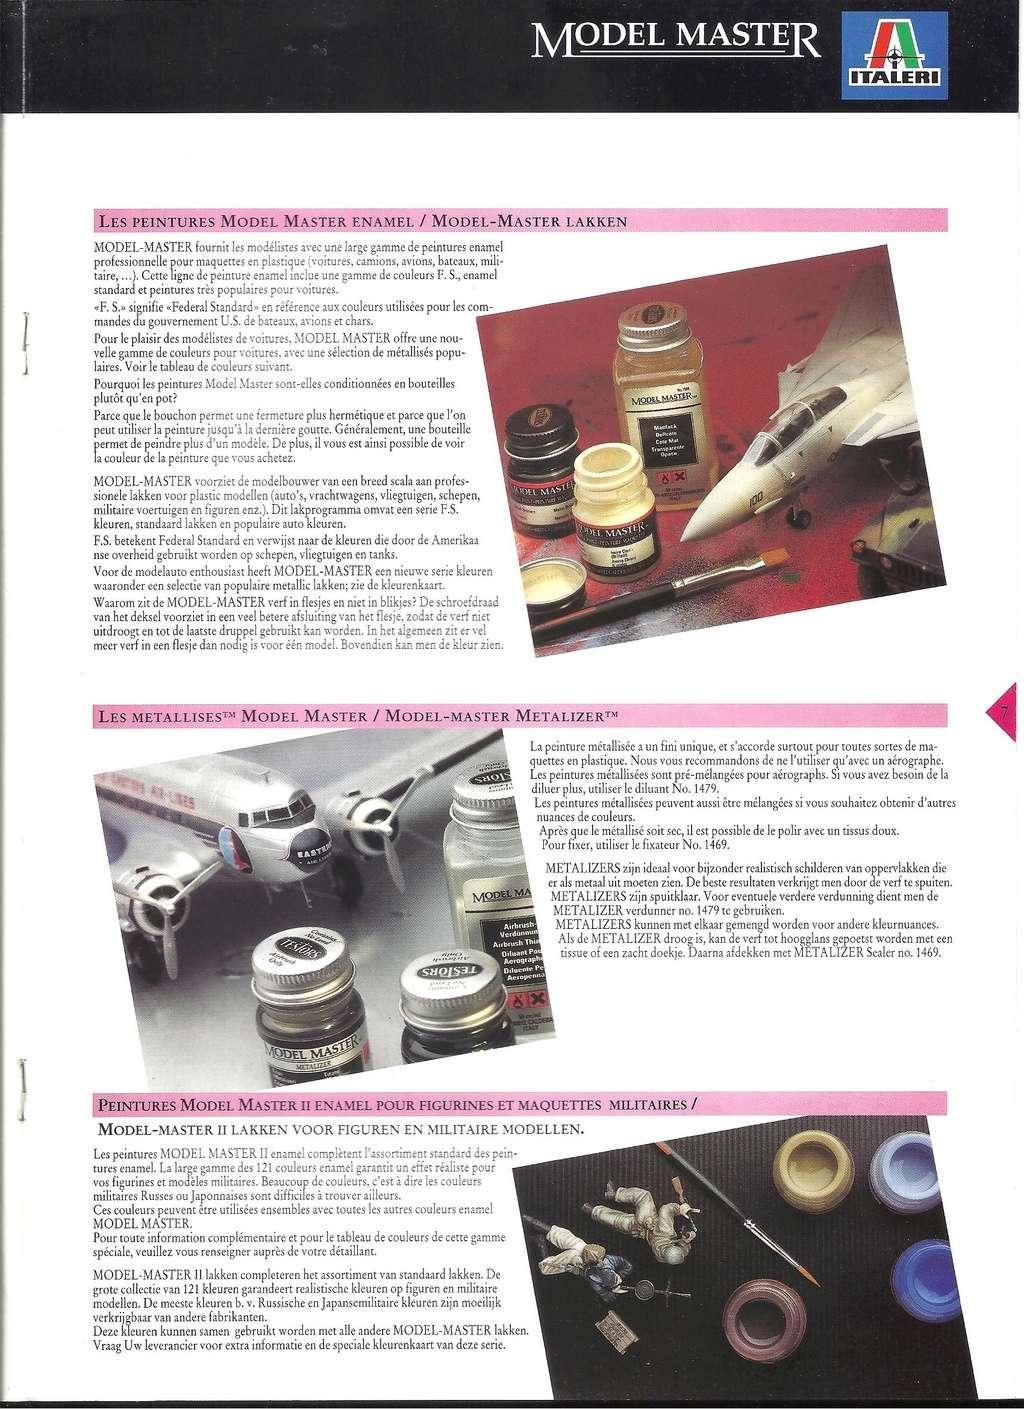 [ITALERI 1992] MODEL MASTER Catalogue 1992 Italer19